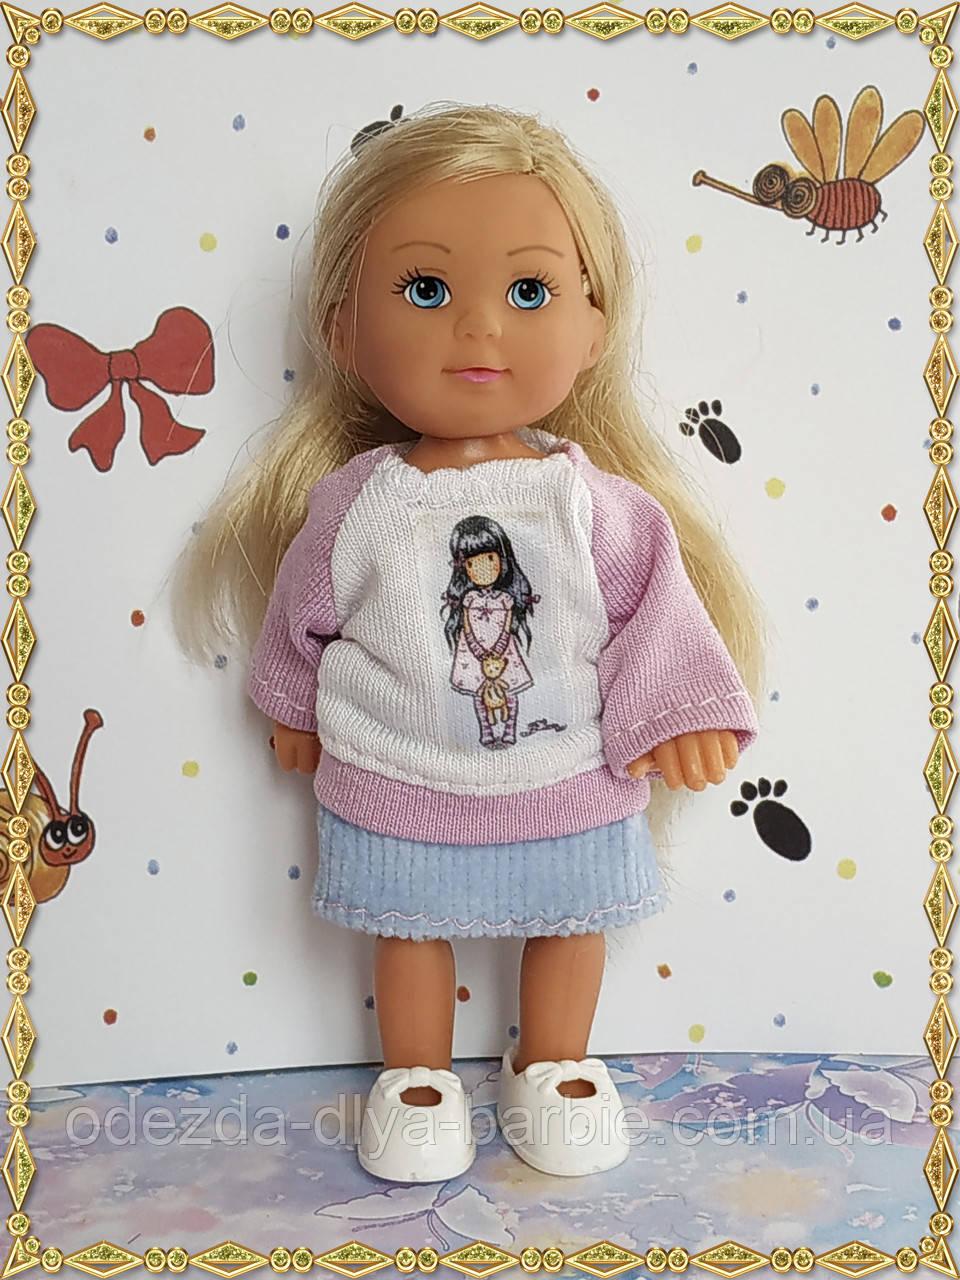 Одежда кукол Симба Еви - кофточка и юбка